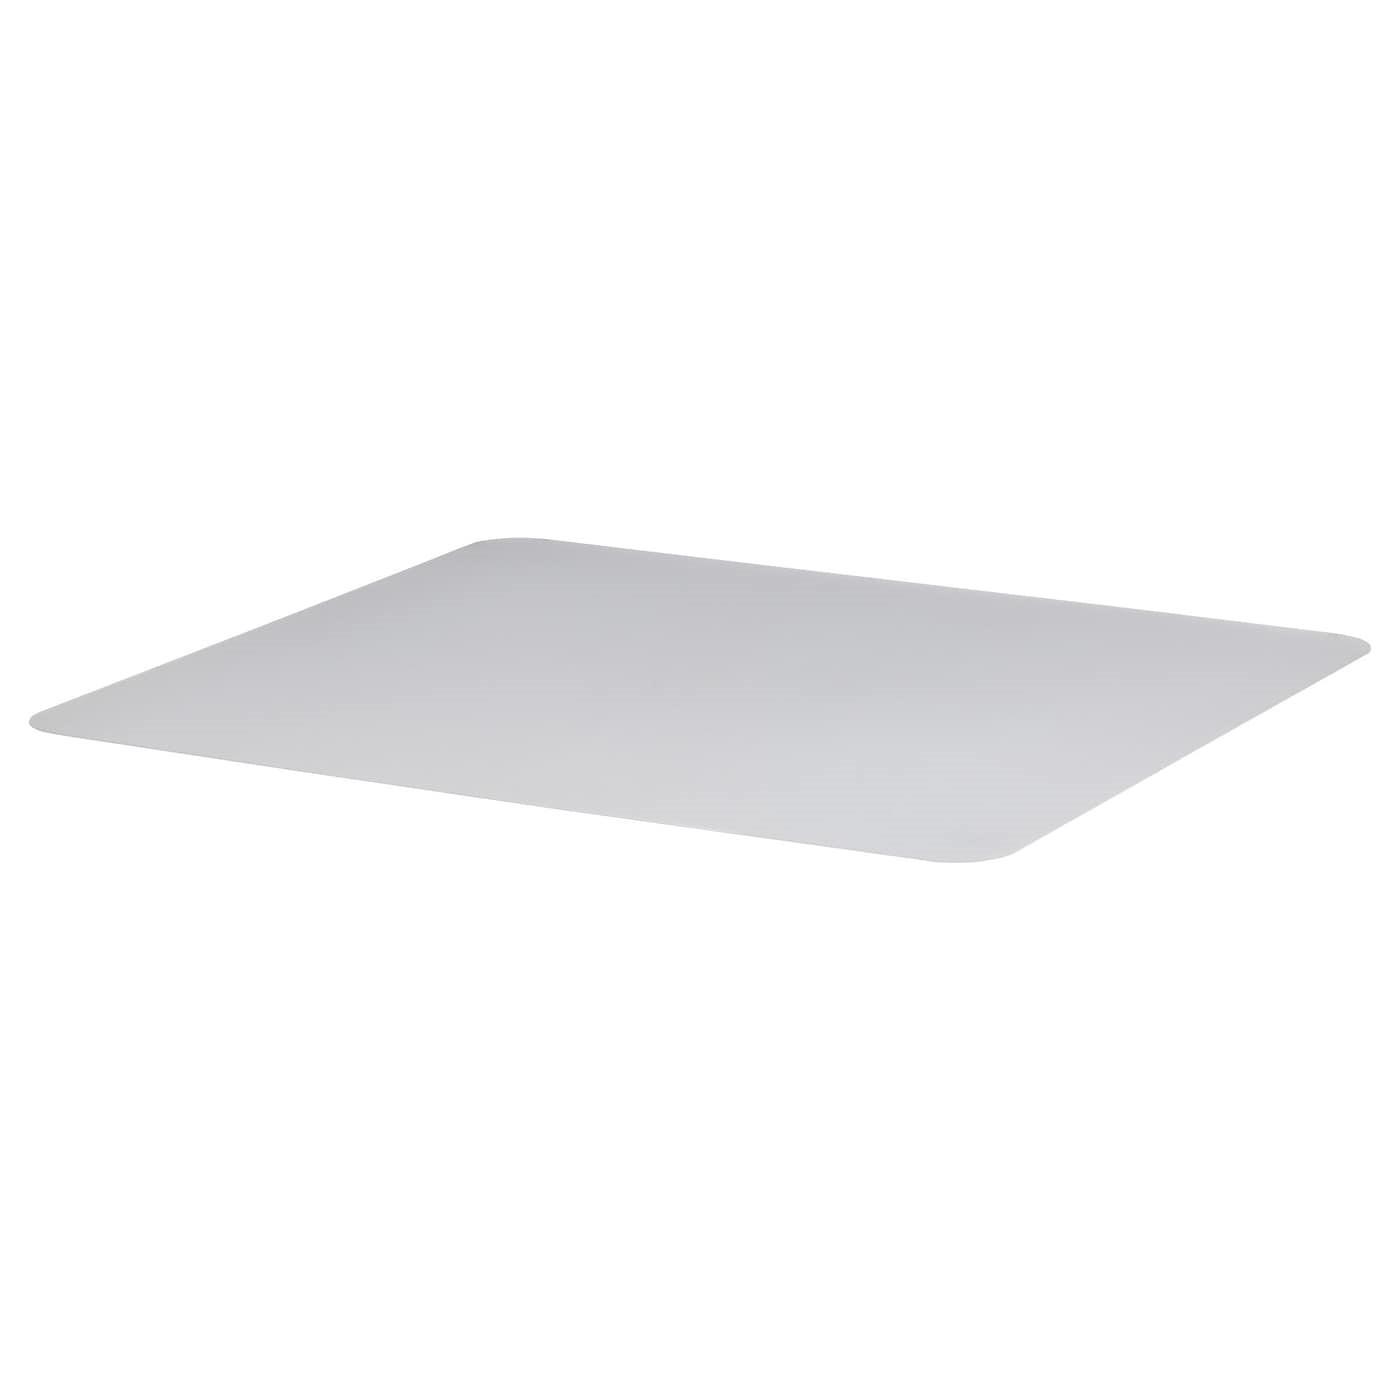 IKEA KOLON защитное напольное покрытие 120x100 см 448.811.00